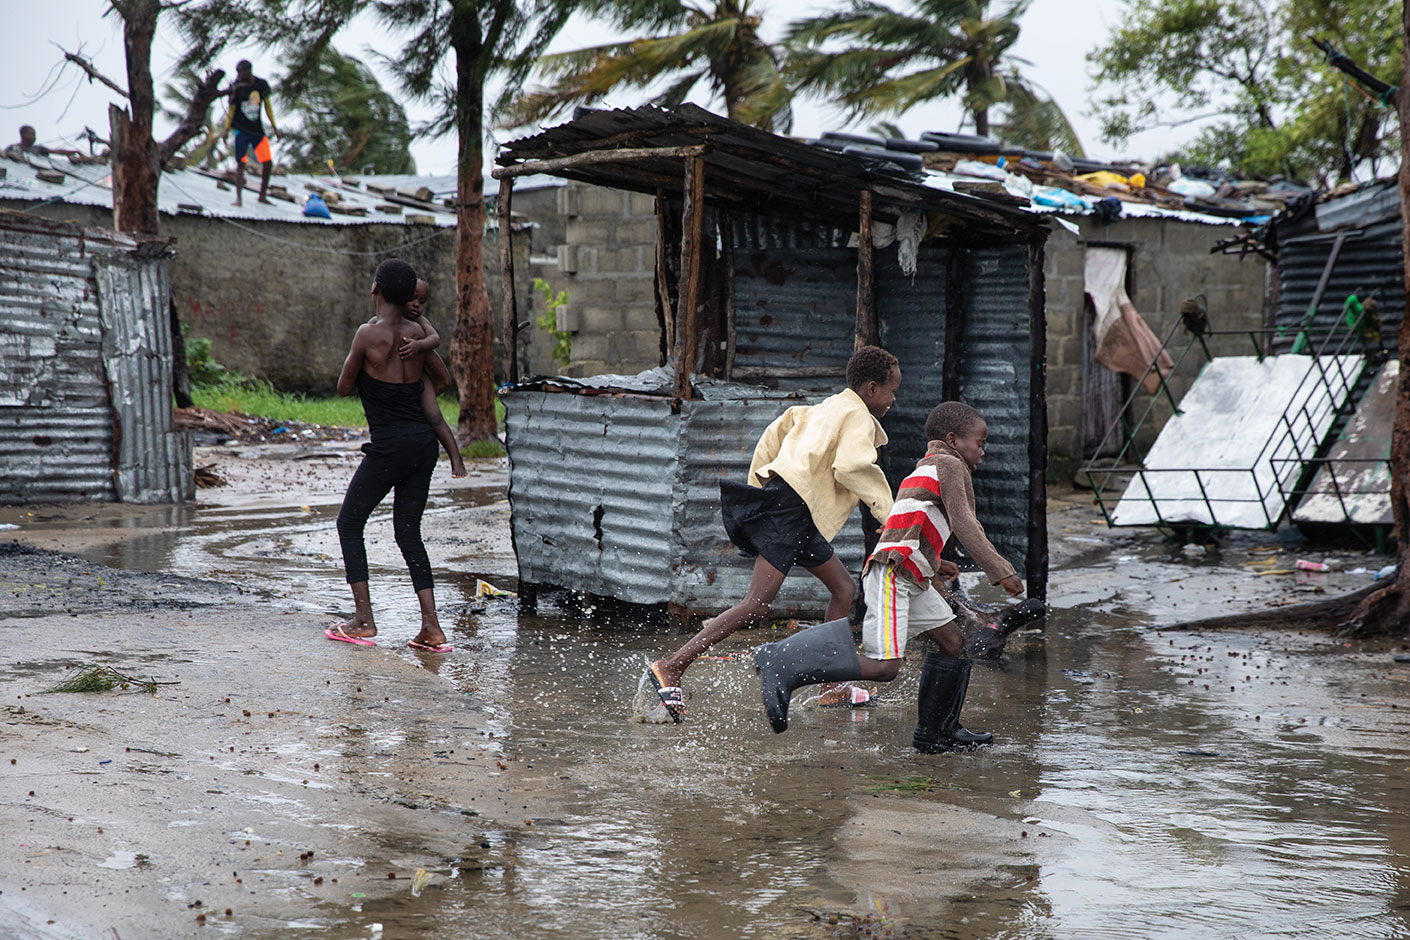 Evénements météo extrêmes: 480.000 morts en 20 ans